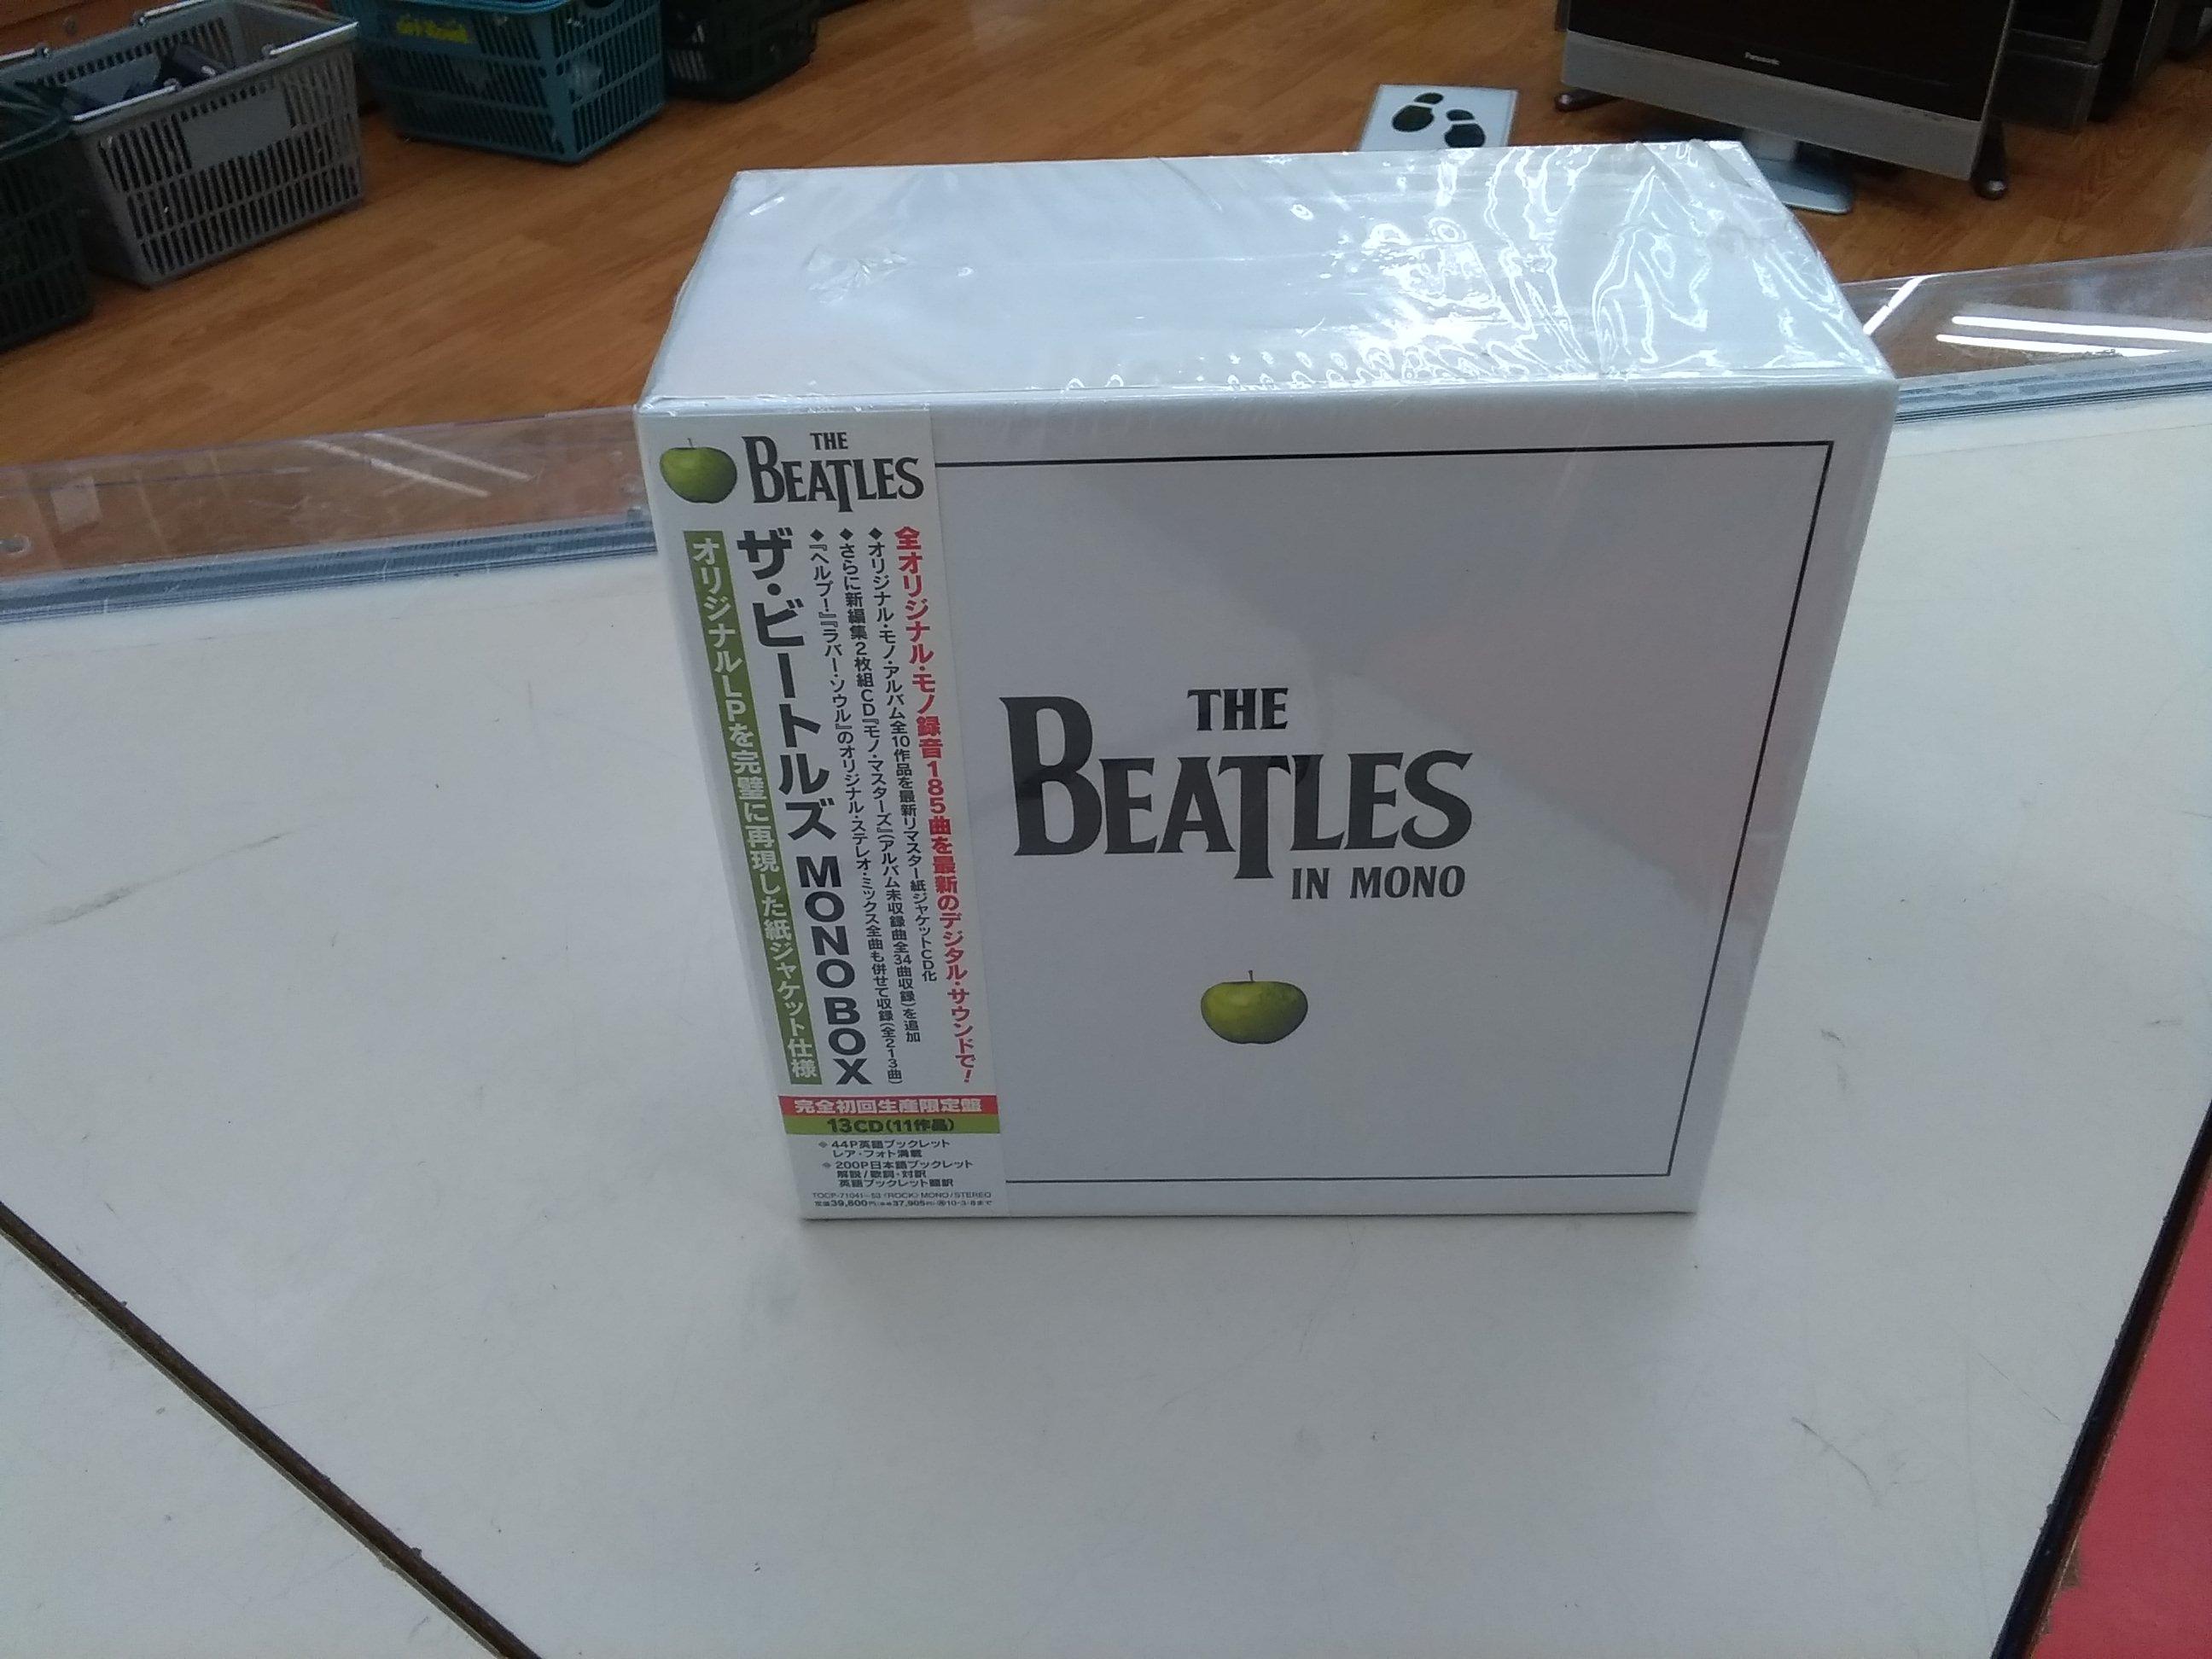 ザ・ビートルズ MONO BOX[完全初回生産限定盤]|UNIVERSAL MUSIC